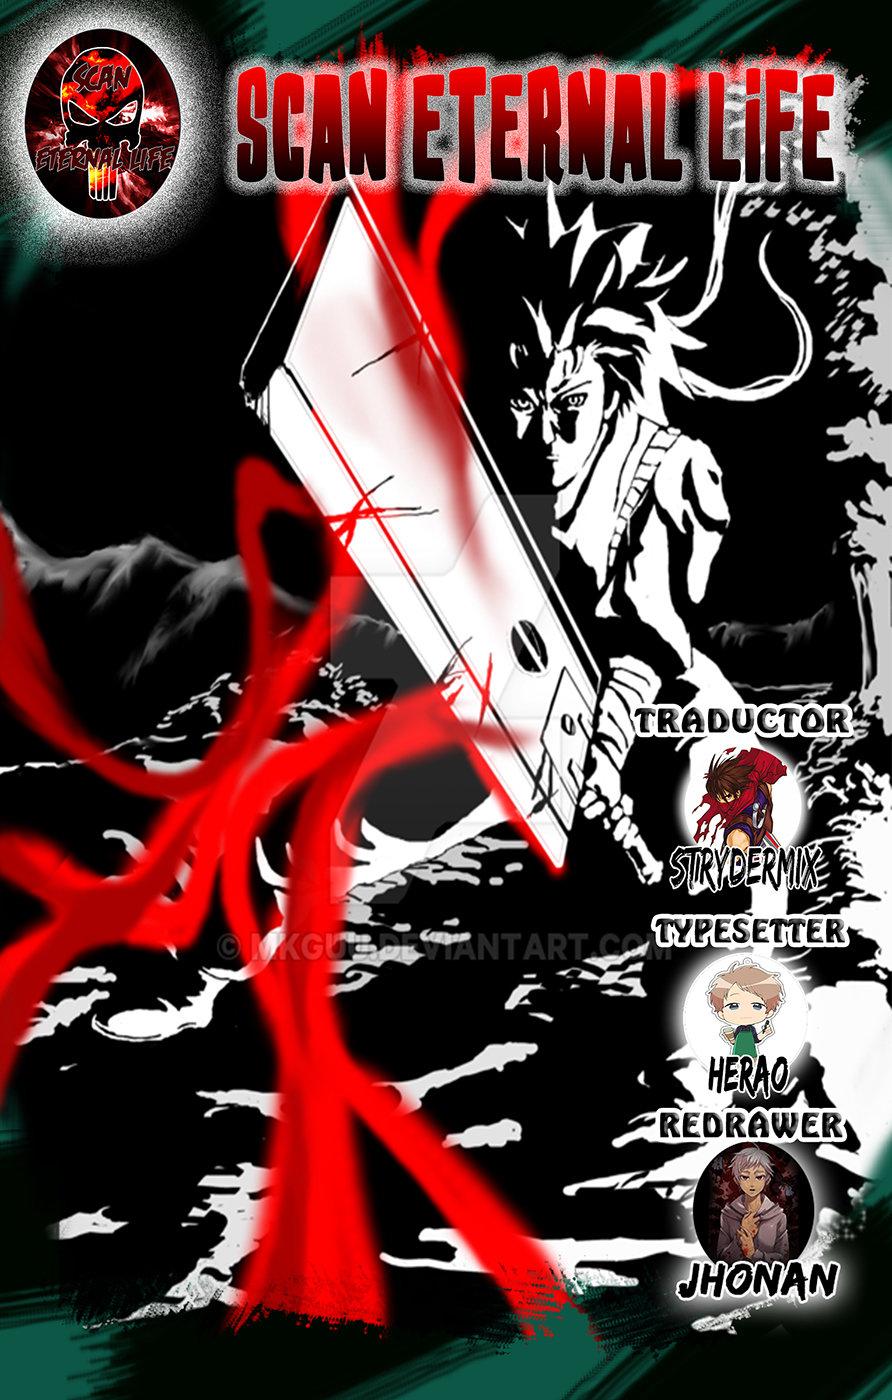 https://c10.mangatag.com/es_manga/pic5/10/14602/782703/caf5dd77448c8a7214415ff71e11c103.jpg Page 1